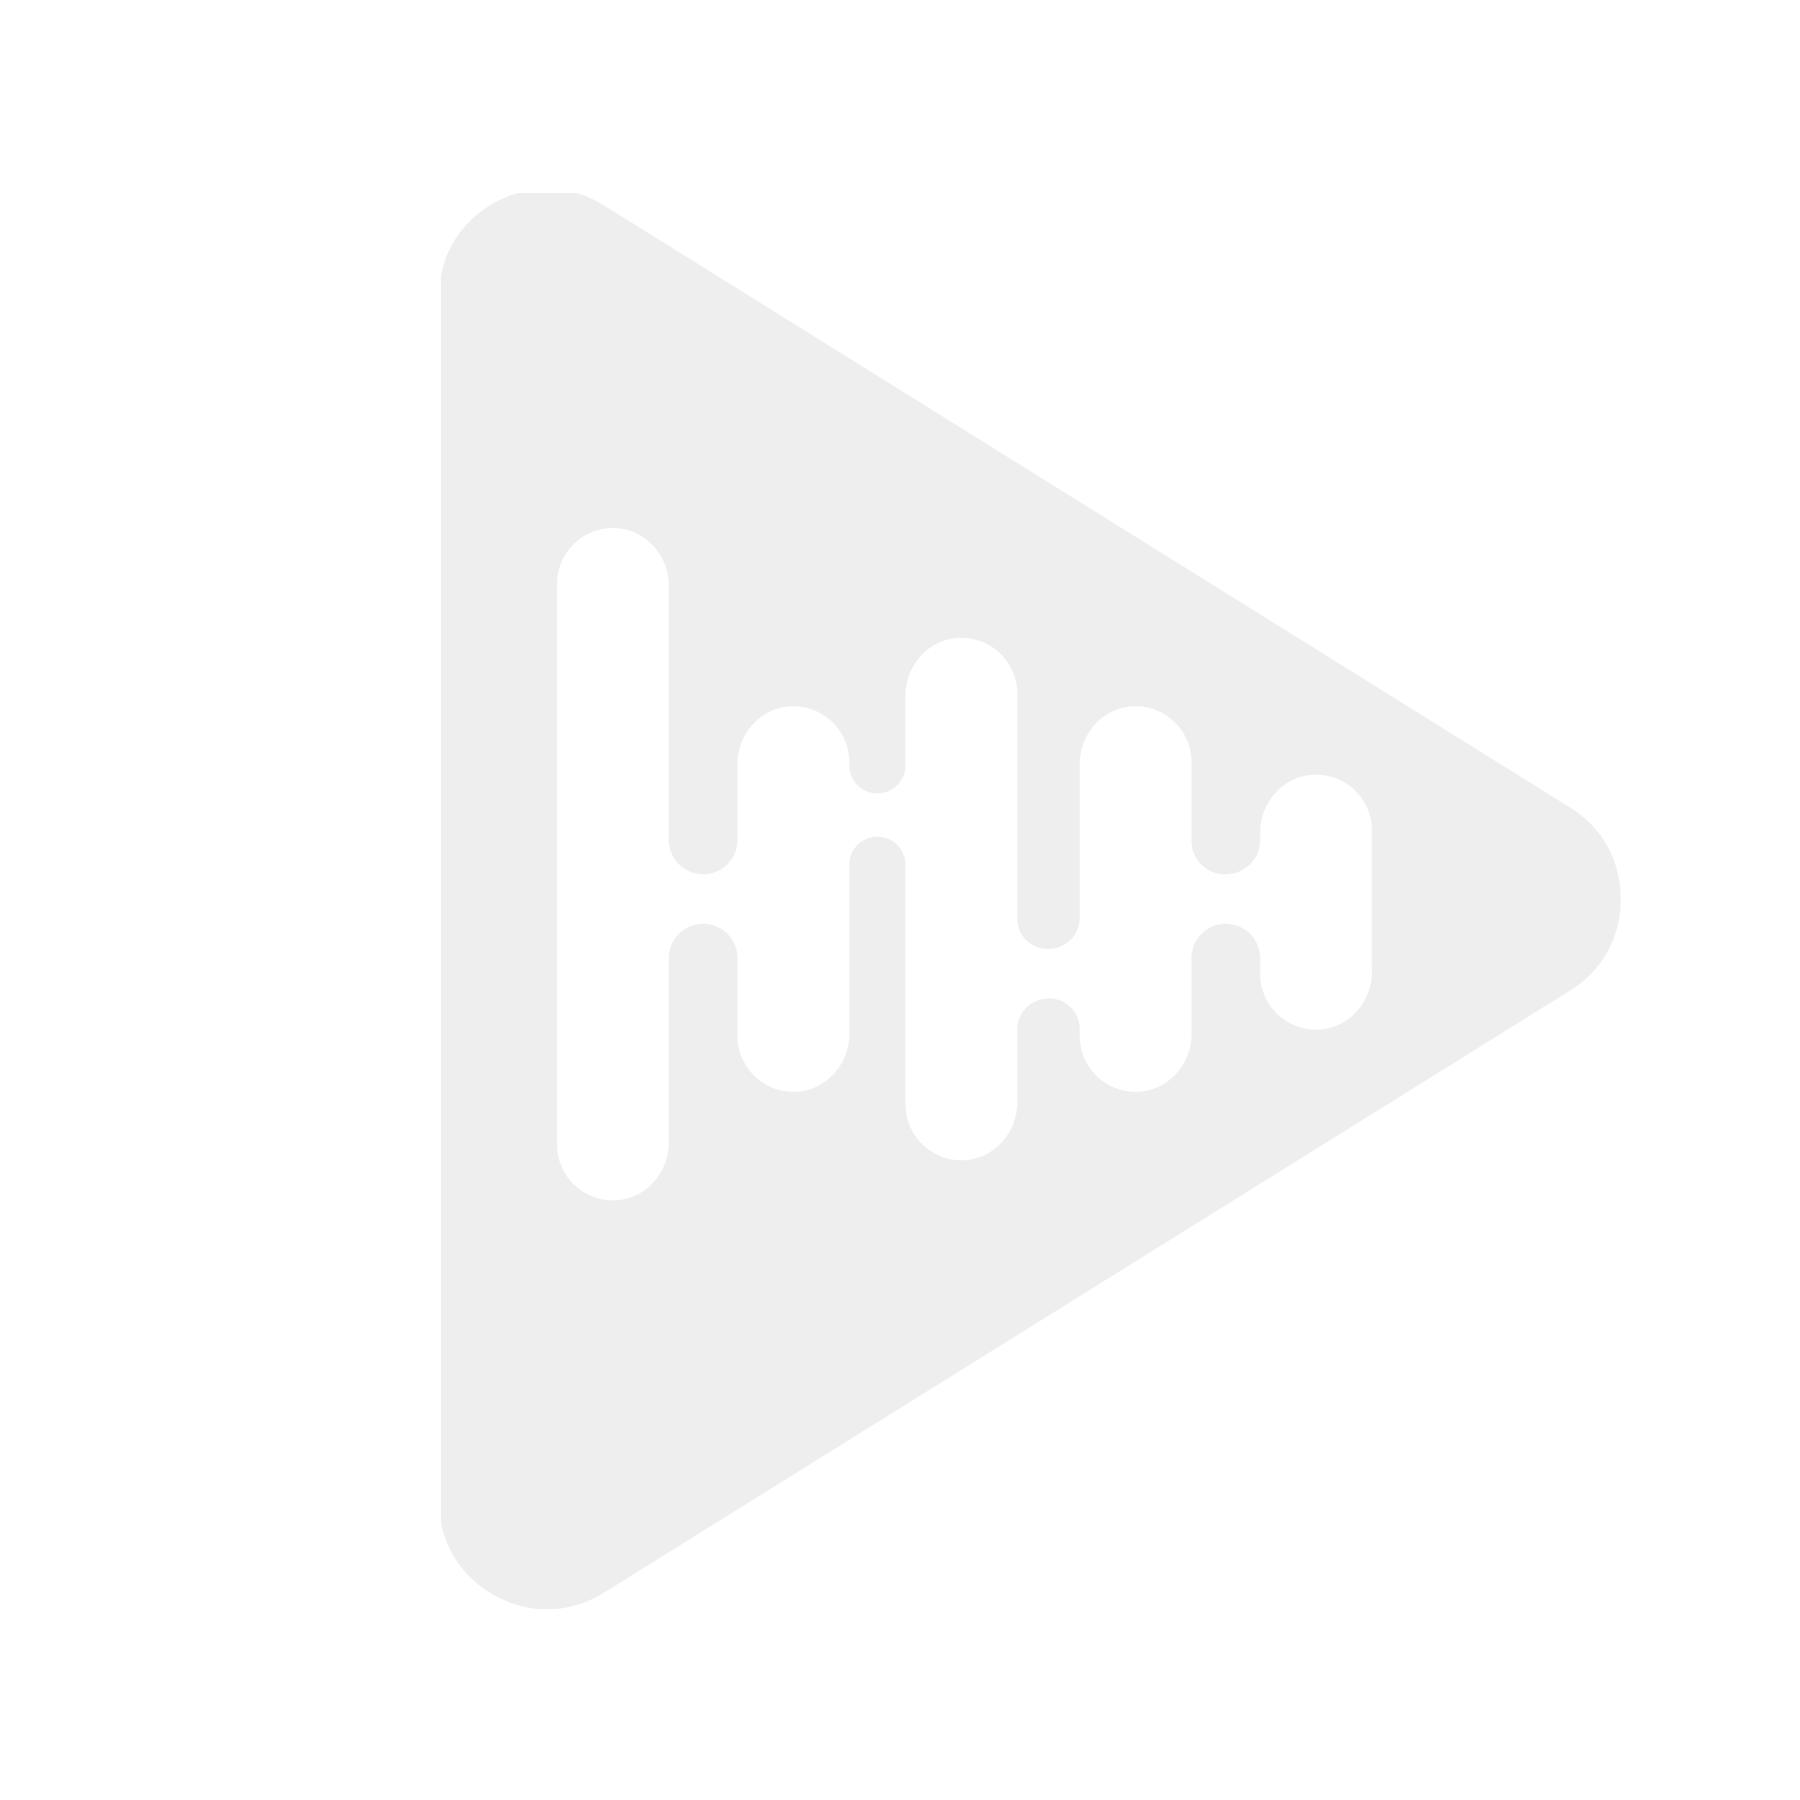 Audison AV 5.0 - DEMO, STK